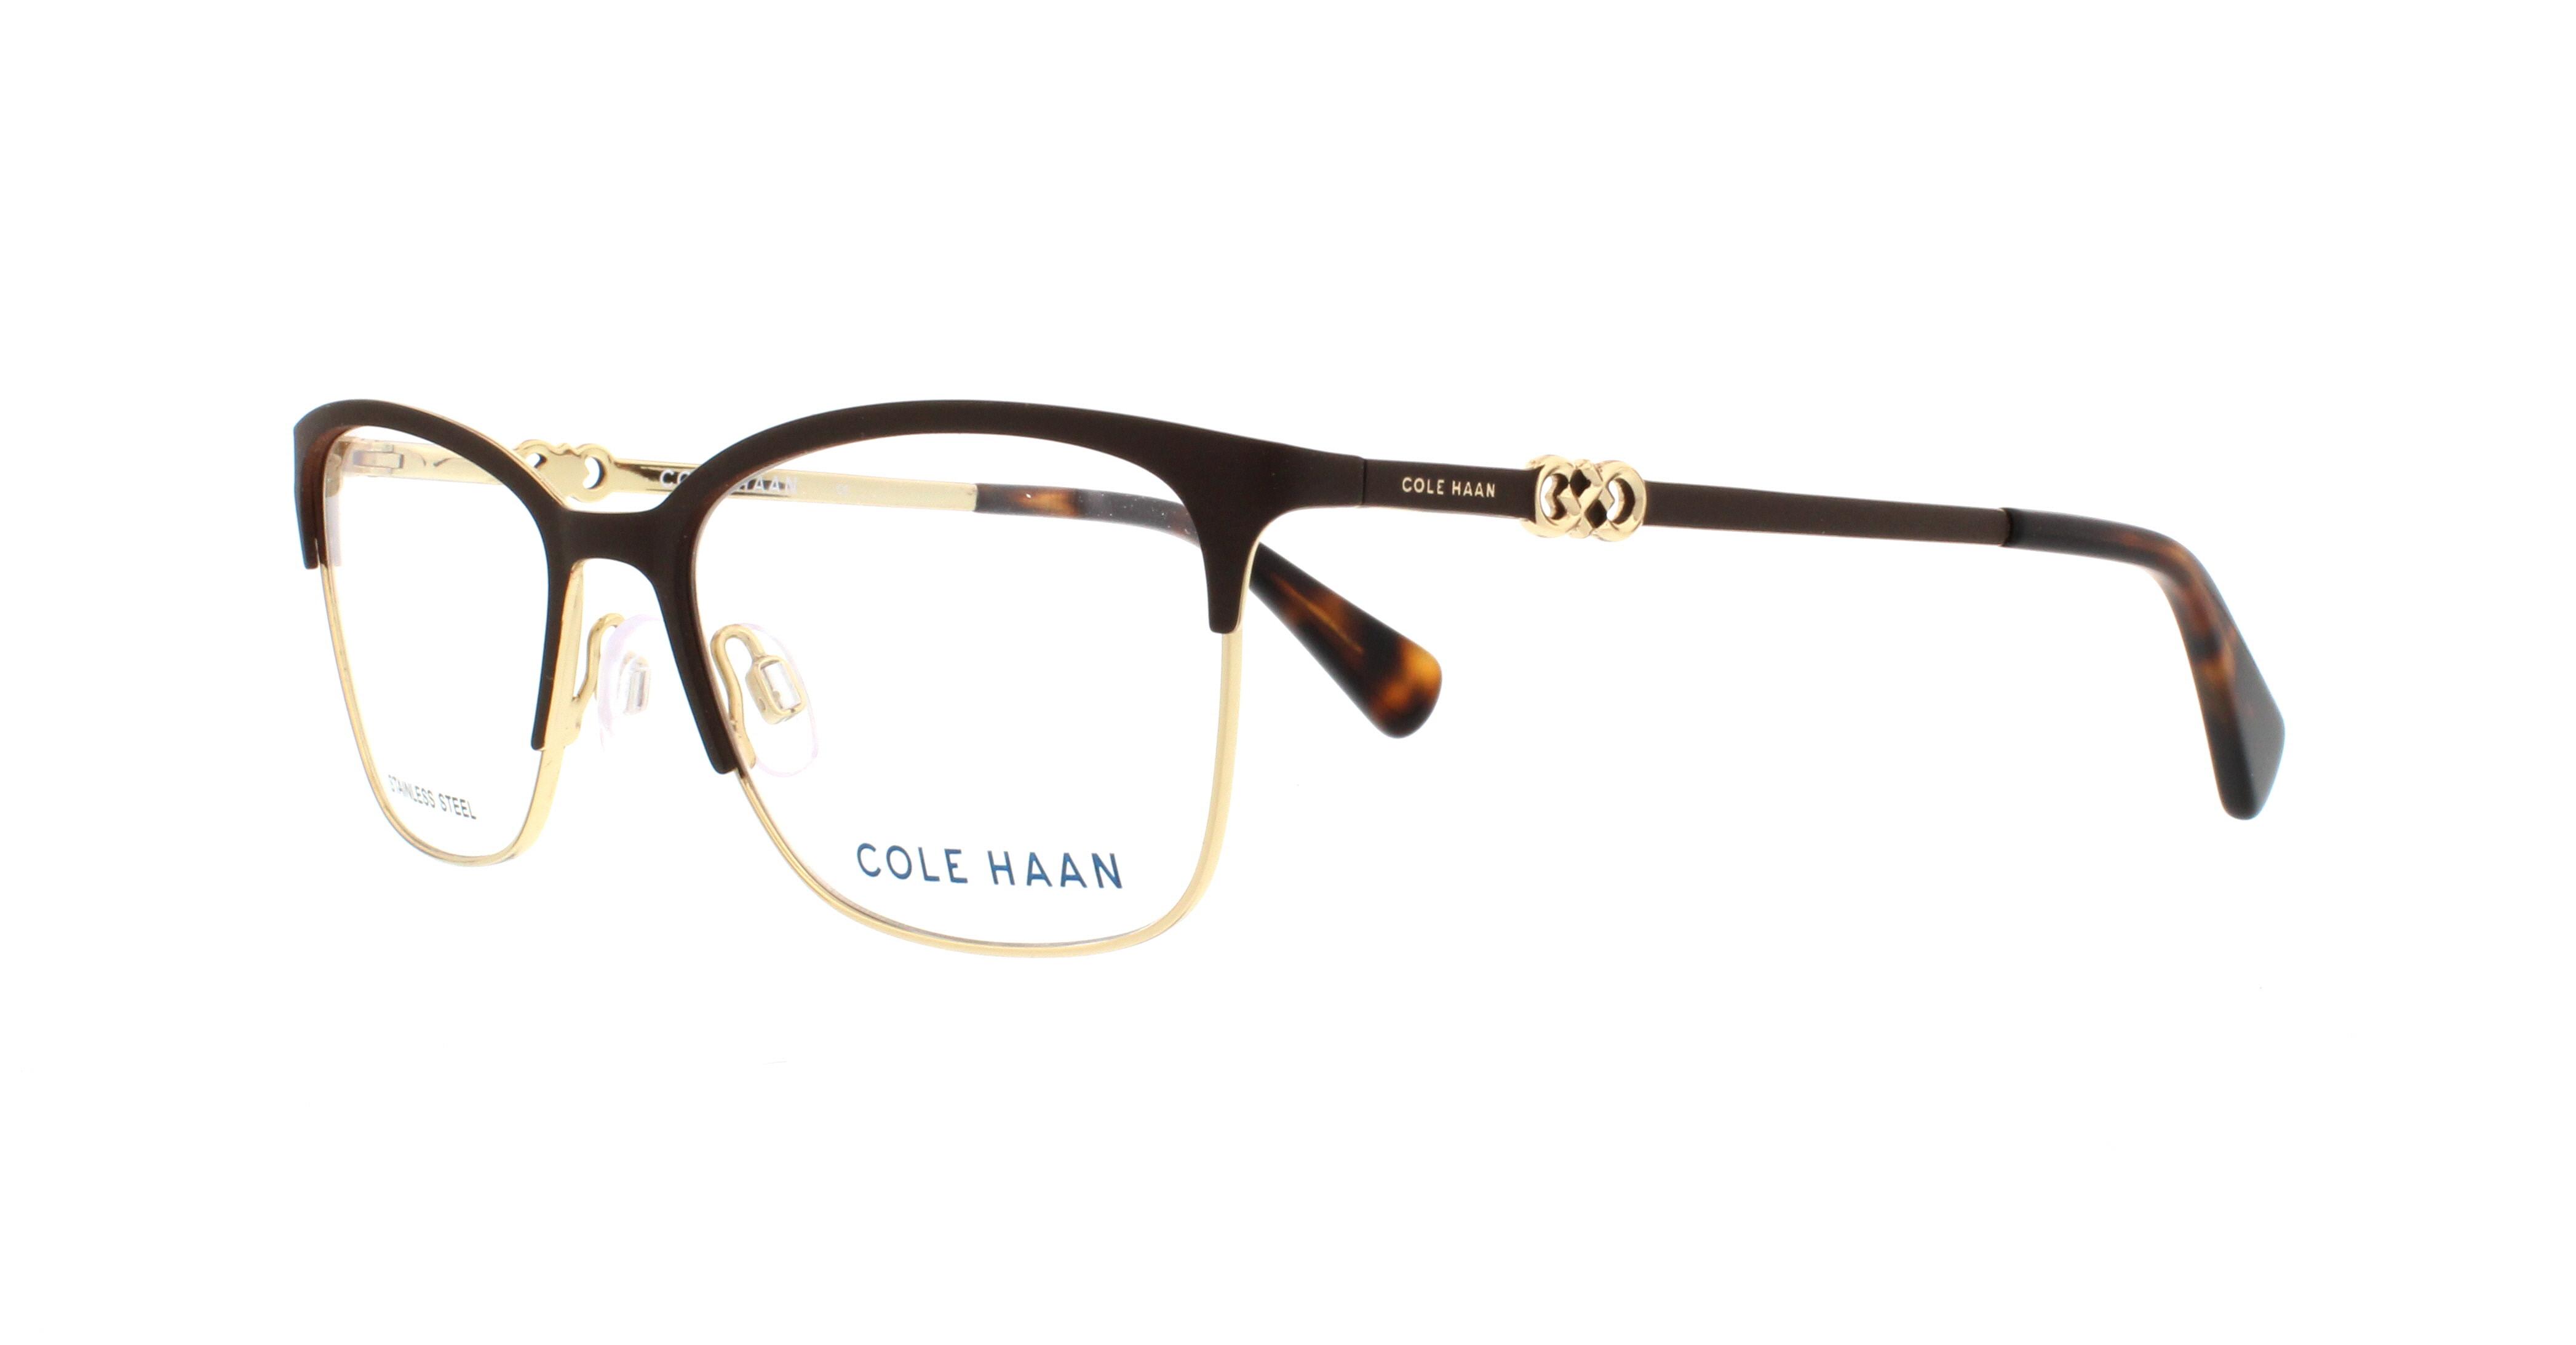 COLE HAAN Eyeglasses CH5009 210 Brown 51MM 788678035653   eBay